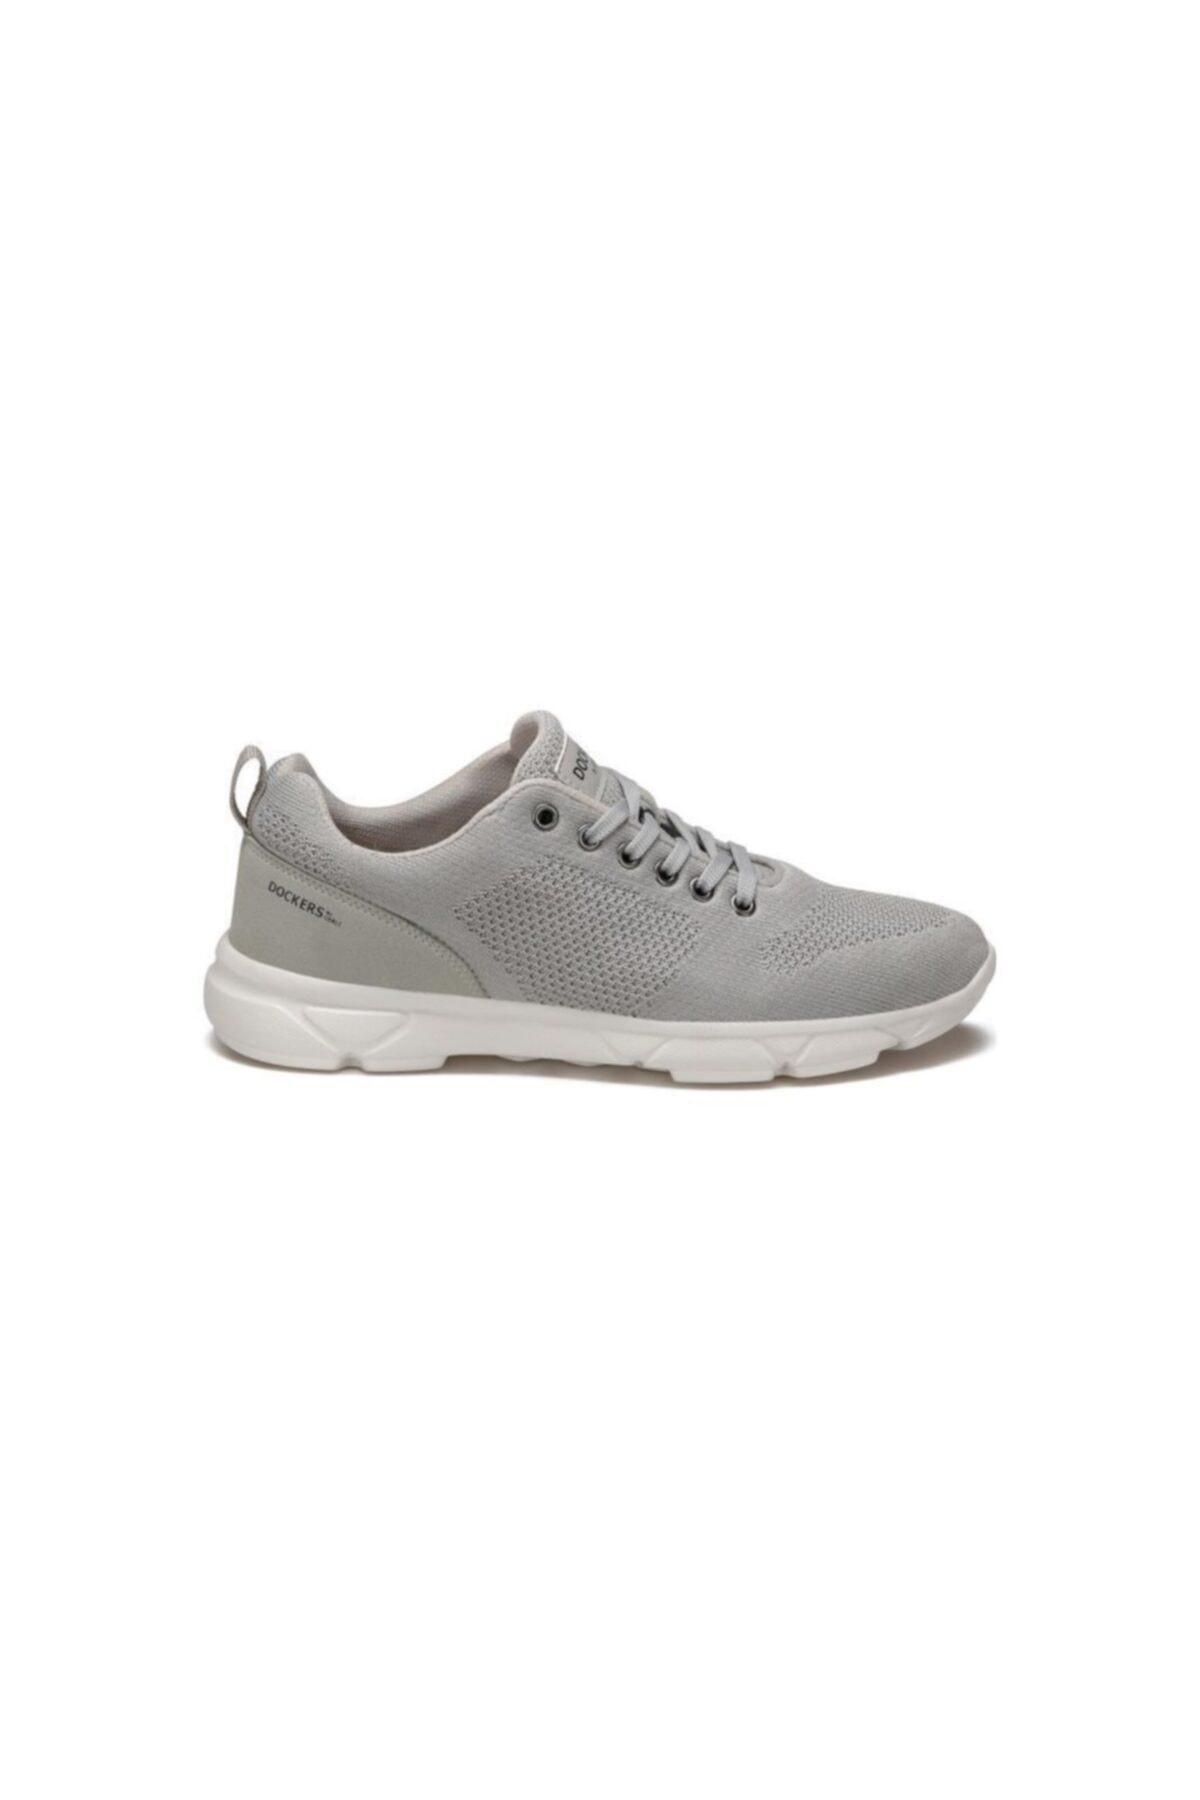 Dockers 226646 Açık Gri Erkek Comfort Ayakkabı 100365536 2